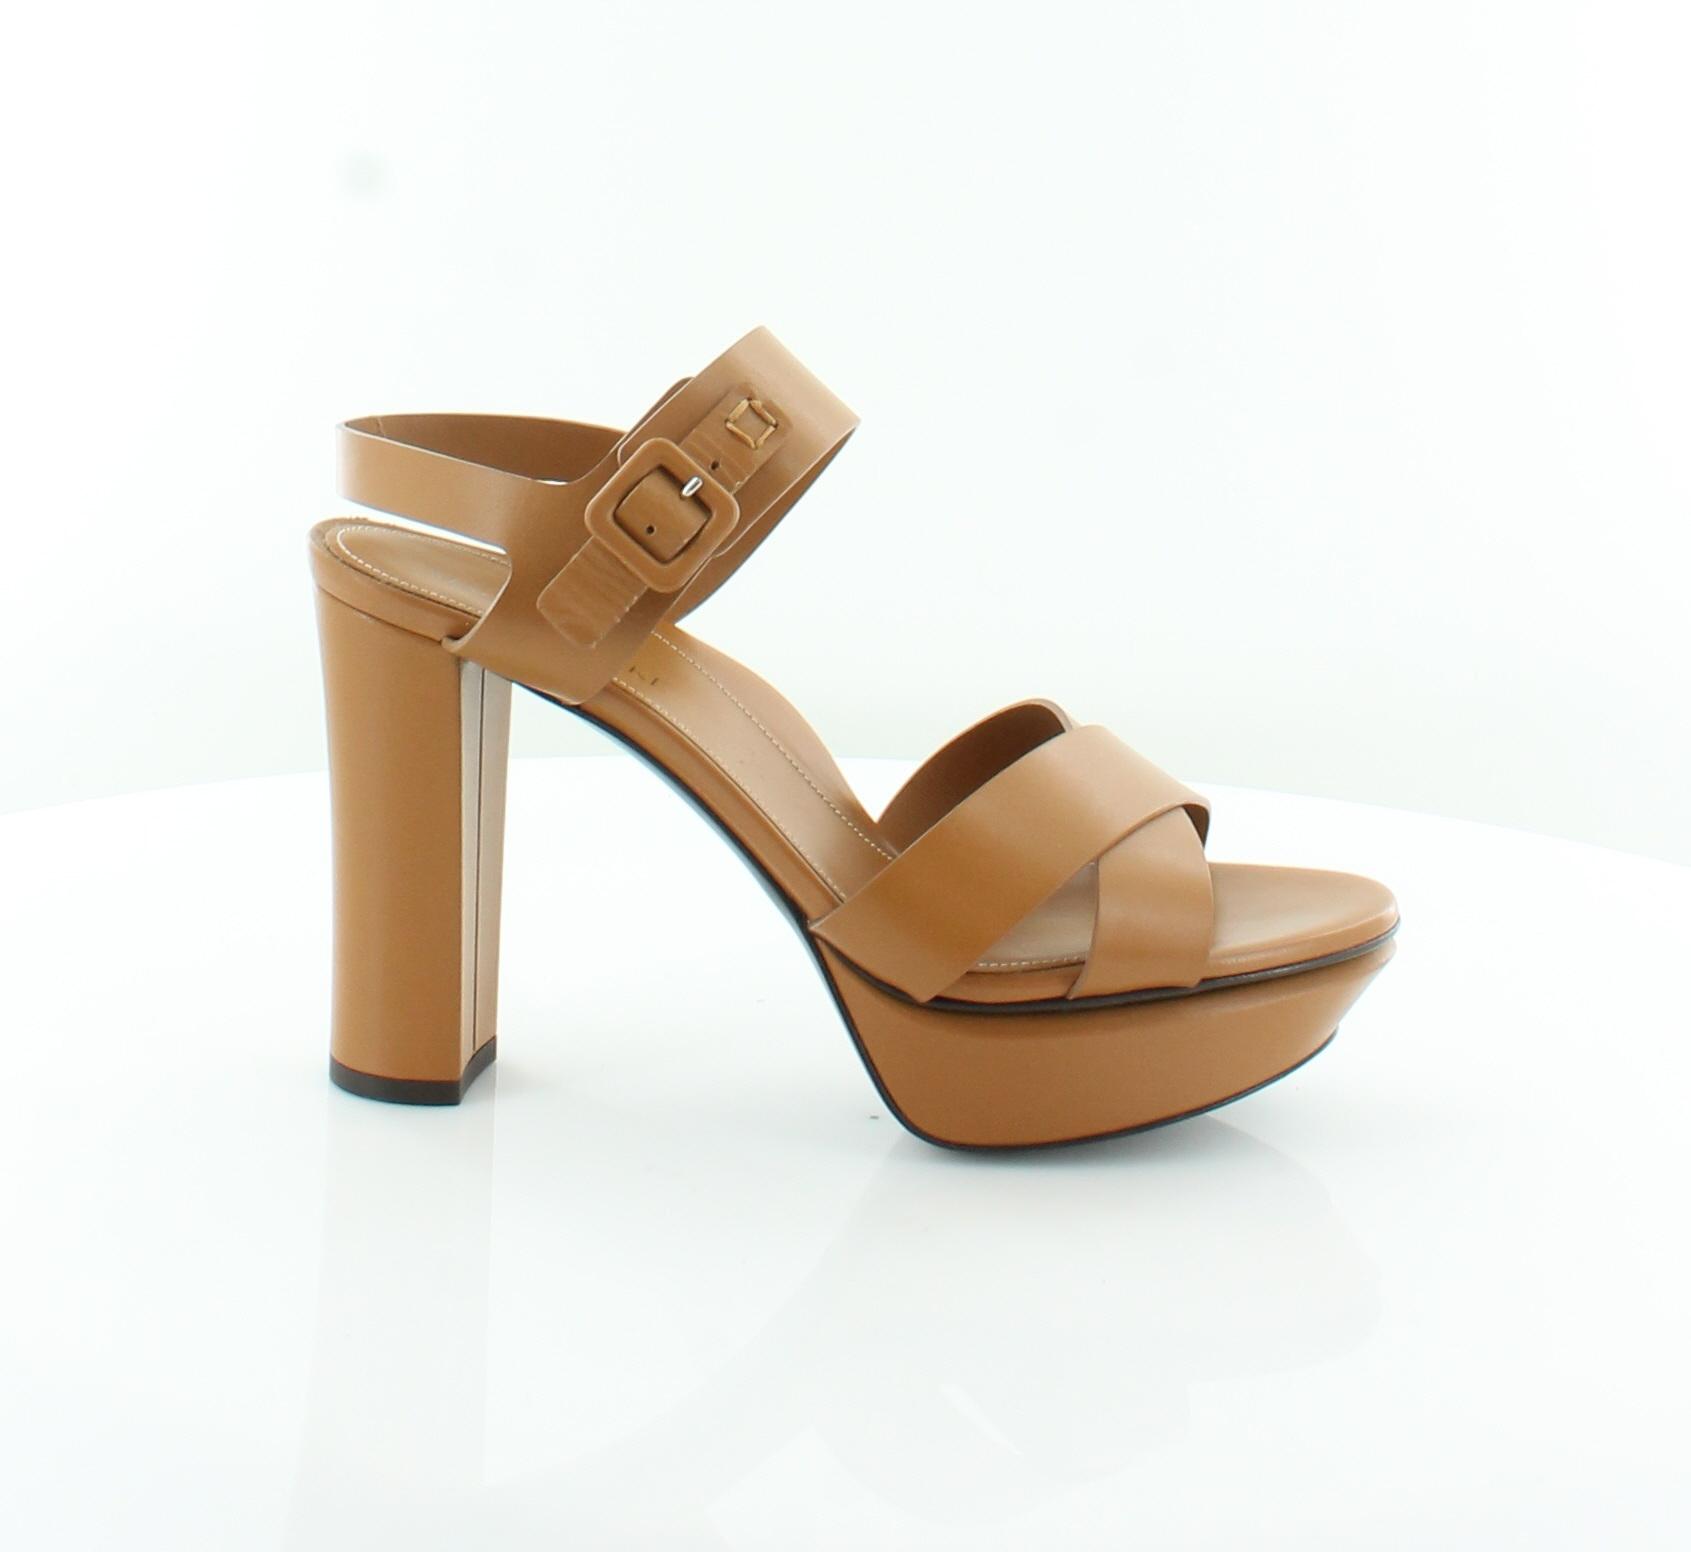 tempo libero MARION MARION MARION PARKE Alanis Marrone donna scarpe Dimensione 9 M Sandals MSRP  695  migliori prezzi e stili più freschi